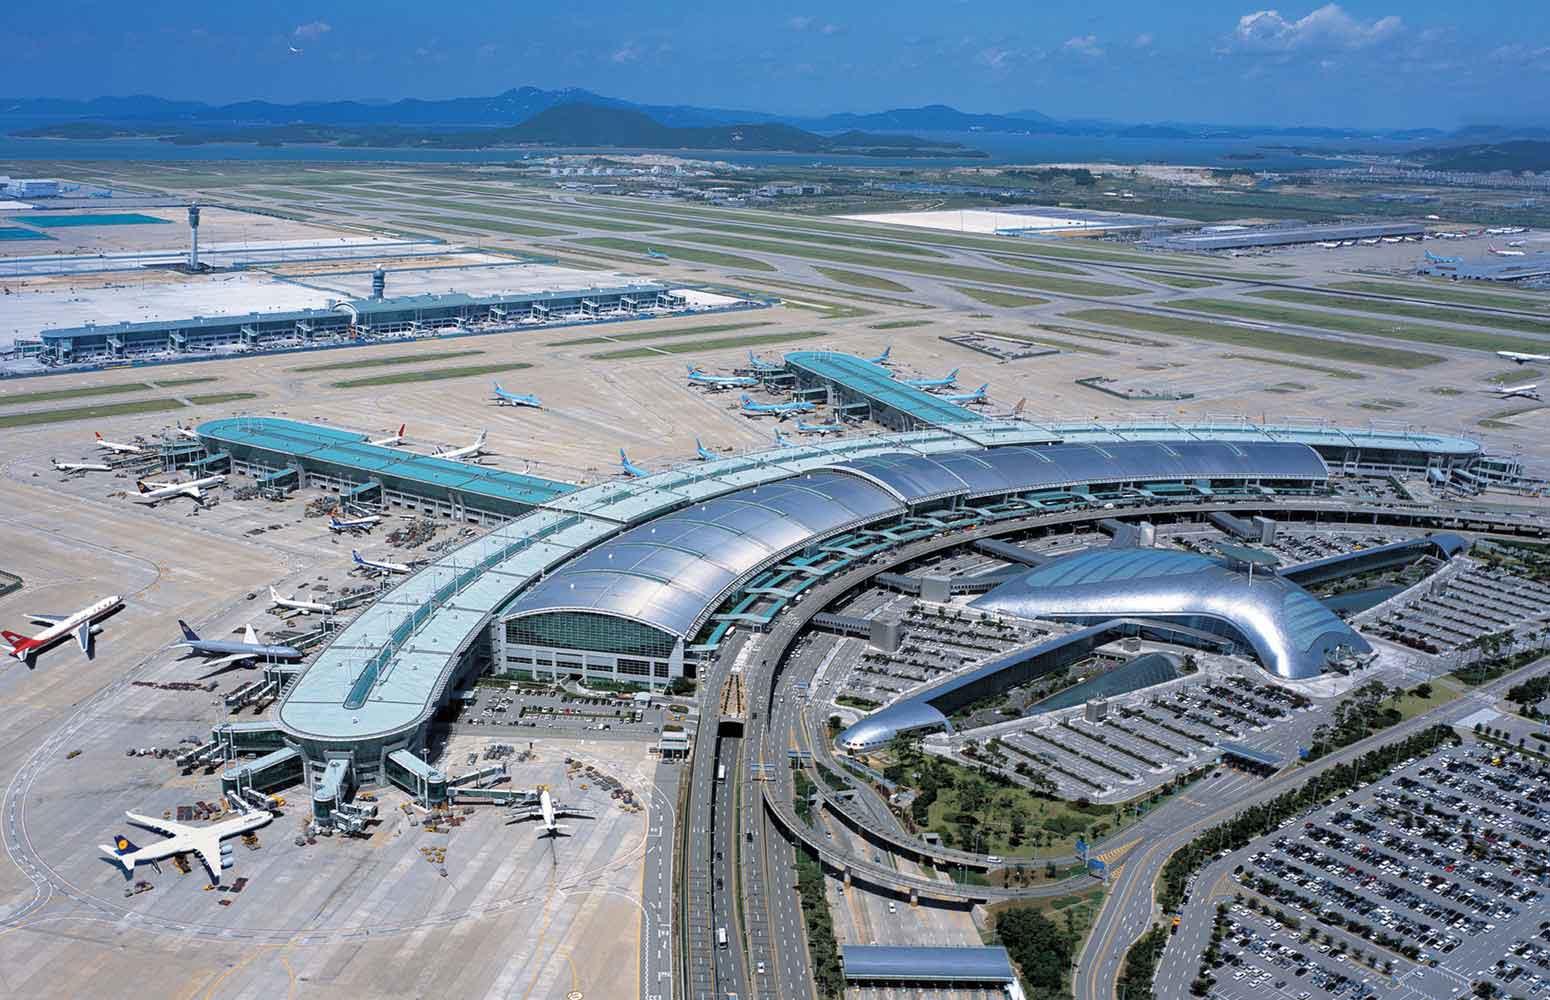 Ảnh chụp sân bay từ trên cao với nhiều máy bay đang đỗ trên sân